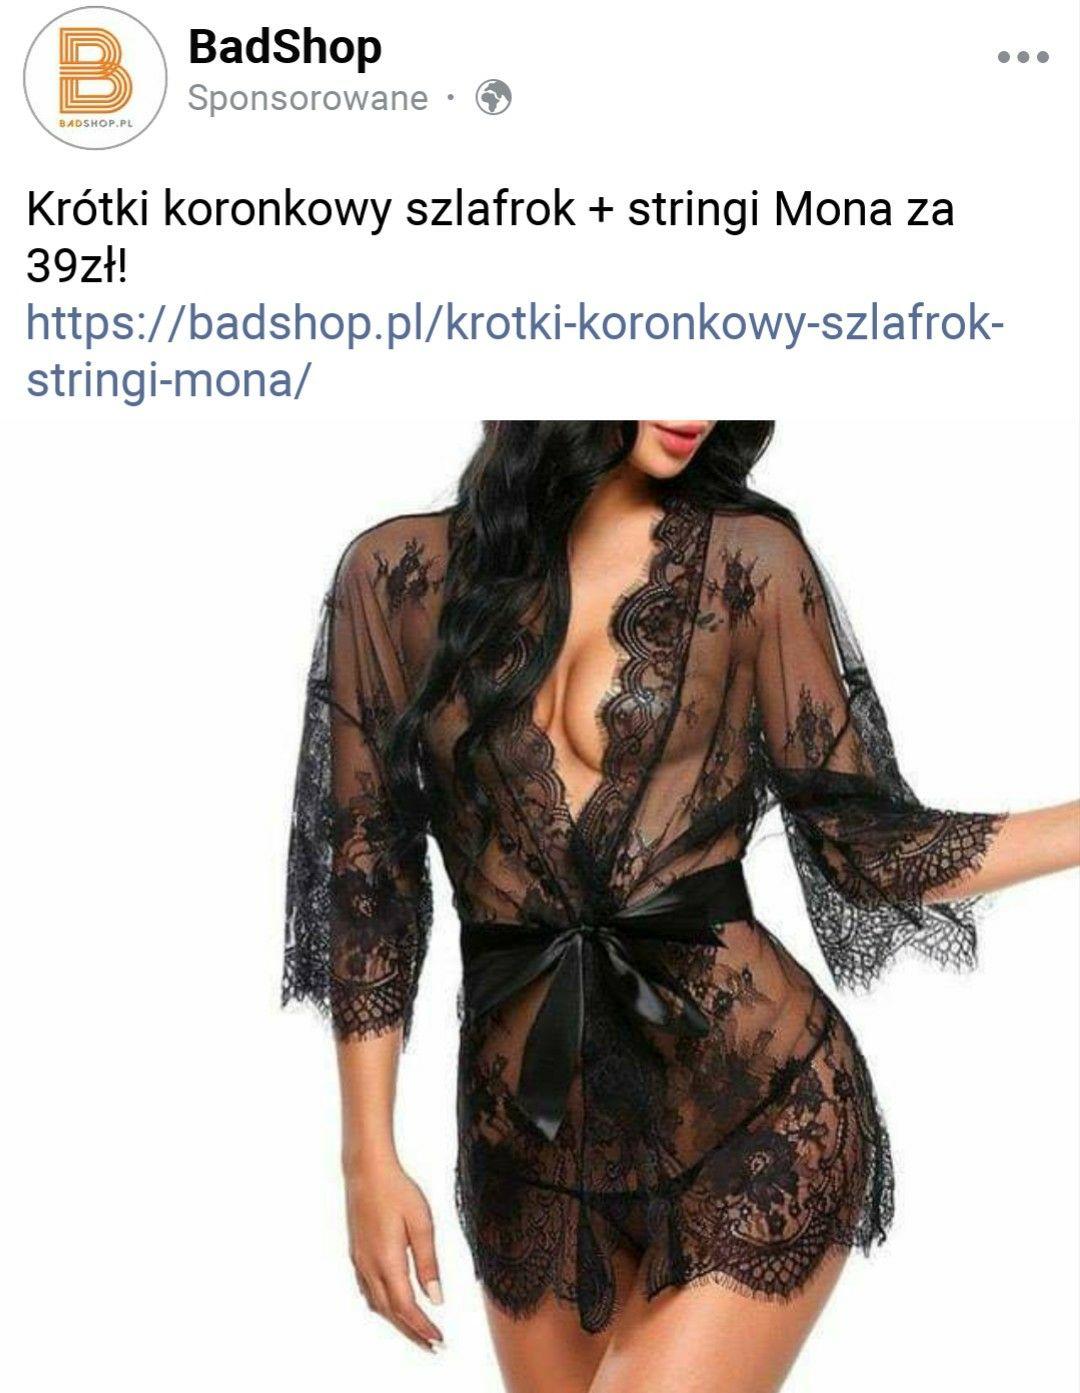 Badshop.pl -32% Krótki koronkowy szlafrok + stringi Mona + darmowa dostawa MWZ 100 zł